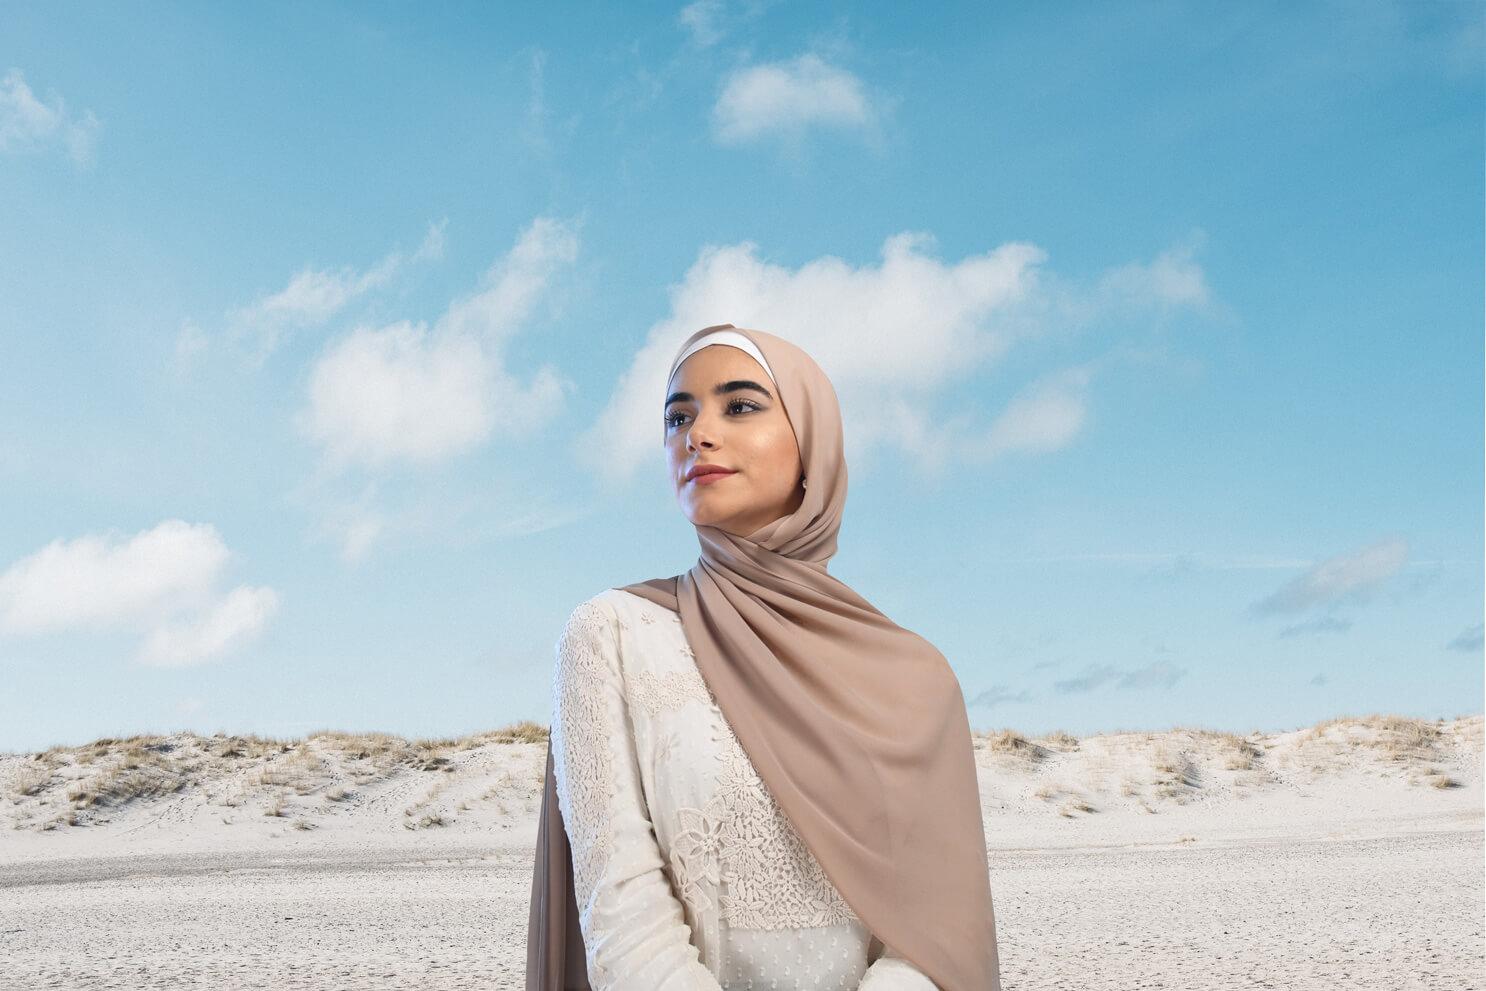 hijab material